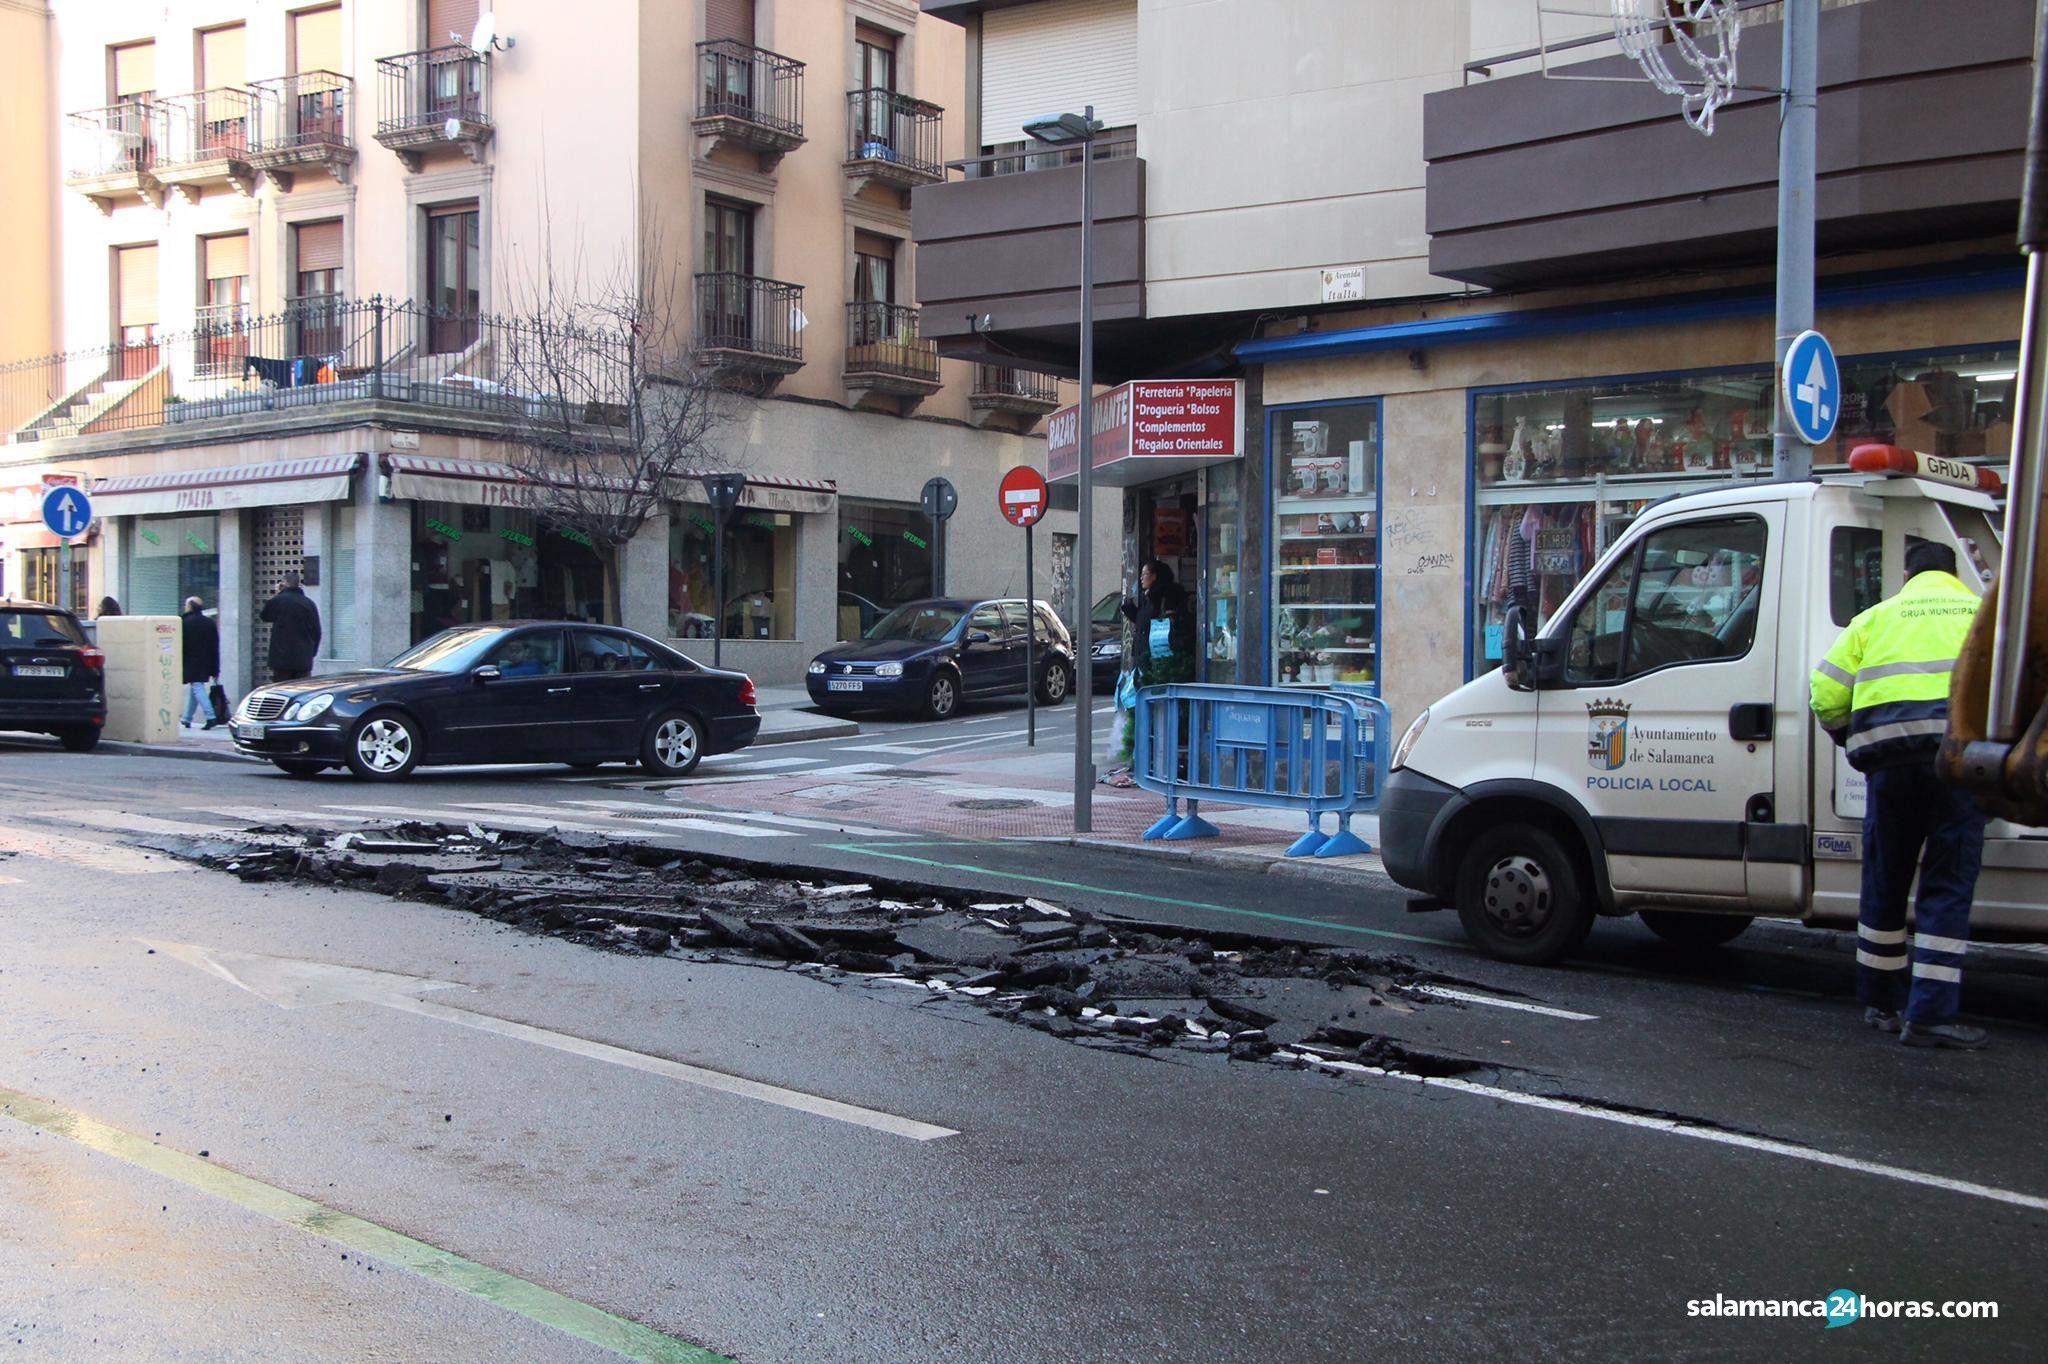 Reventón avenida de italia 2